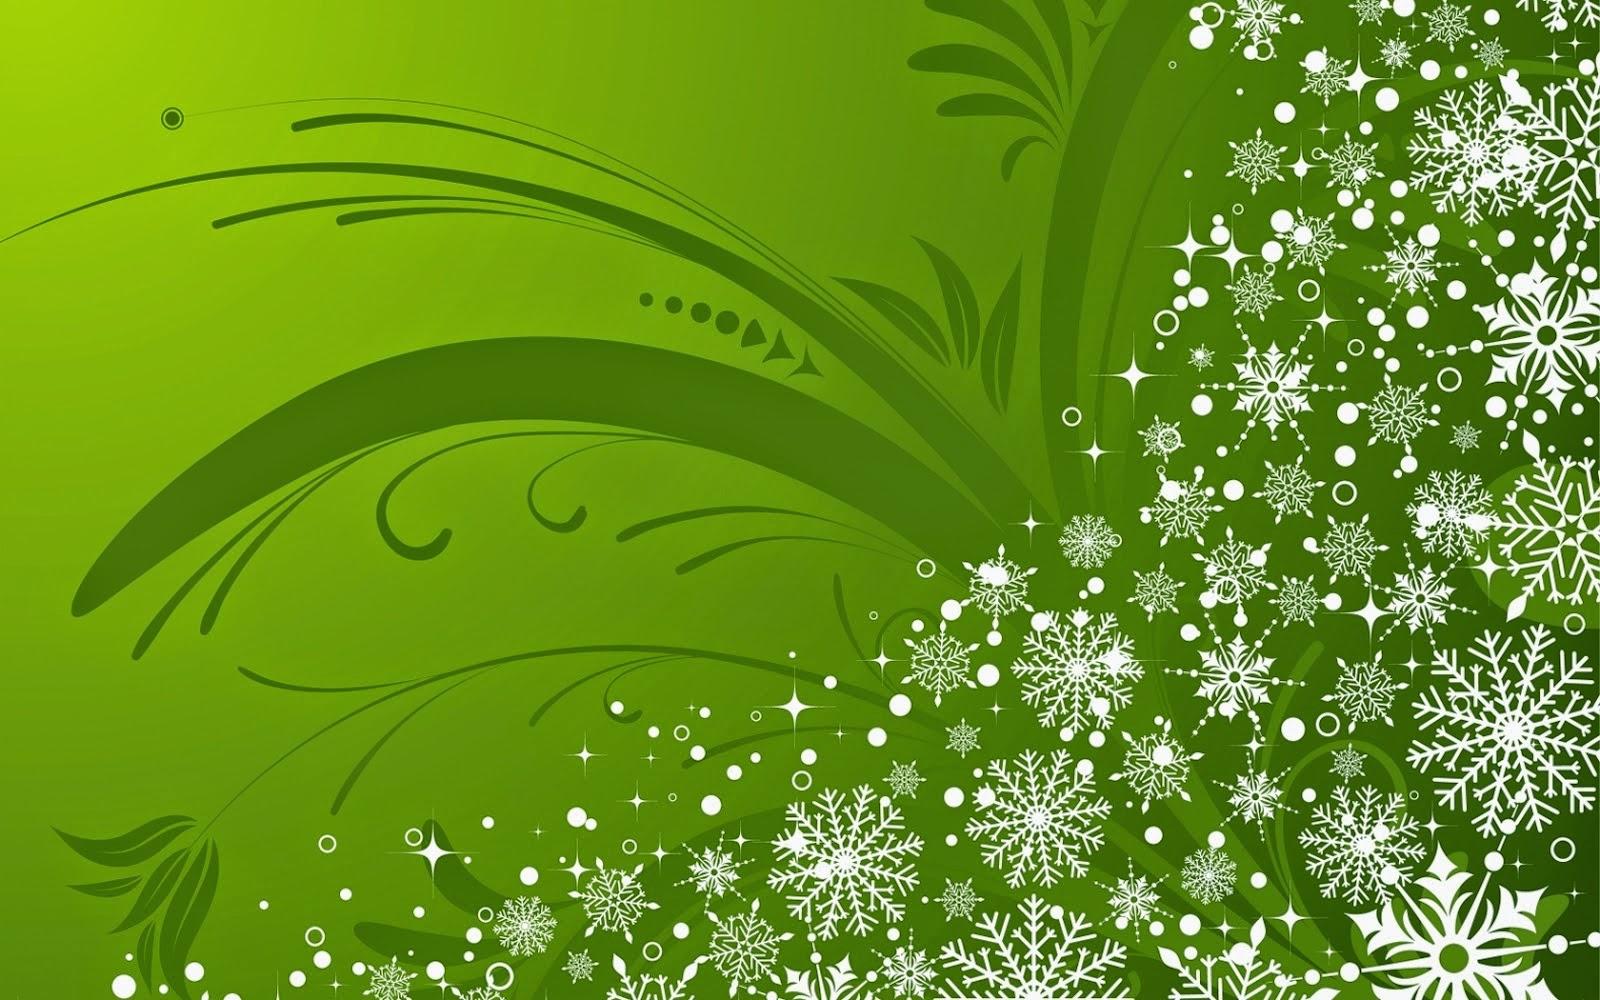 Bolas De Navidad Rojas Sobre Fondo Verde: Banco De Imagenes Y Fotos Gratis: Wallpapers De Navidad